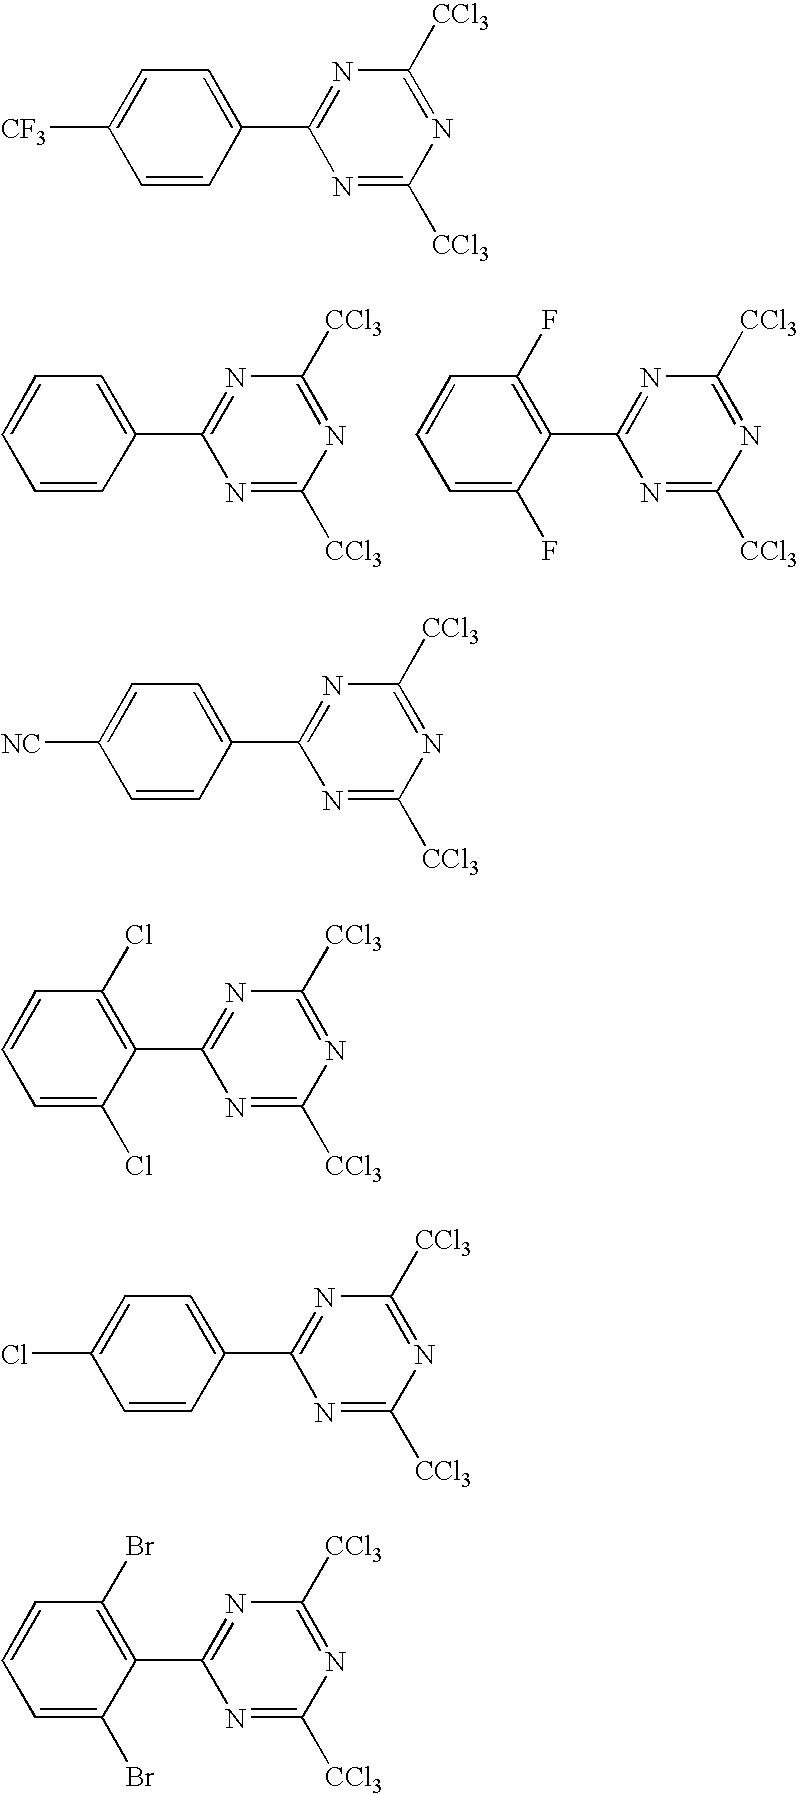 Figure US20040224257A1-20041111-C00017